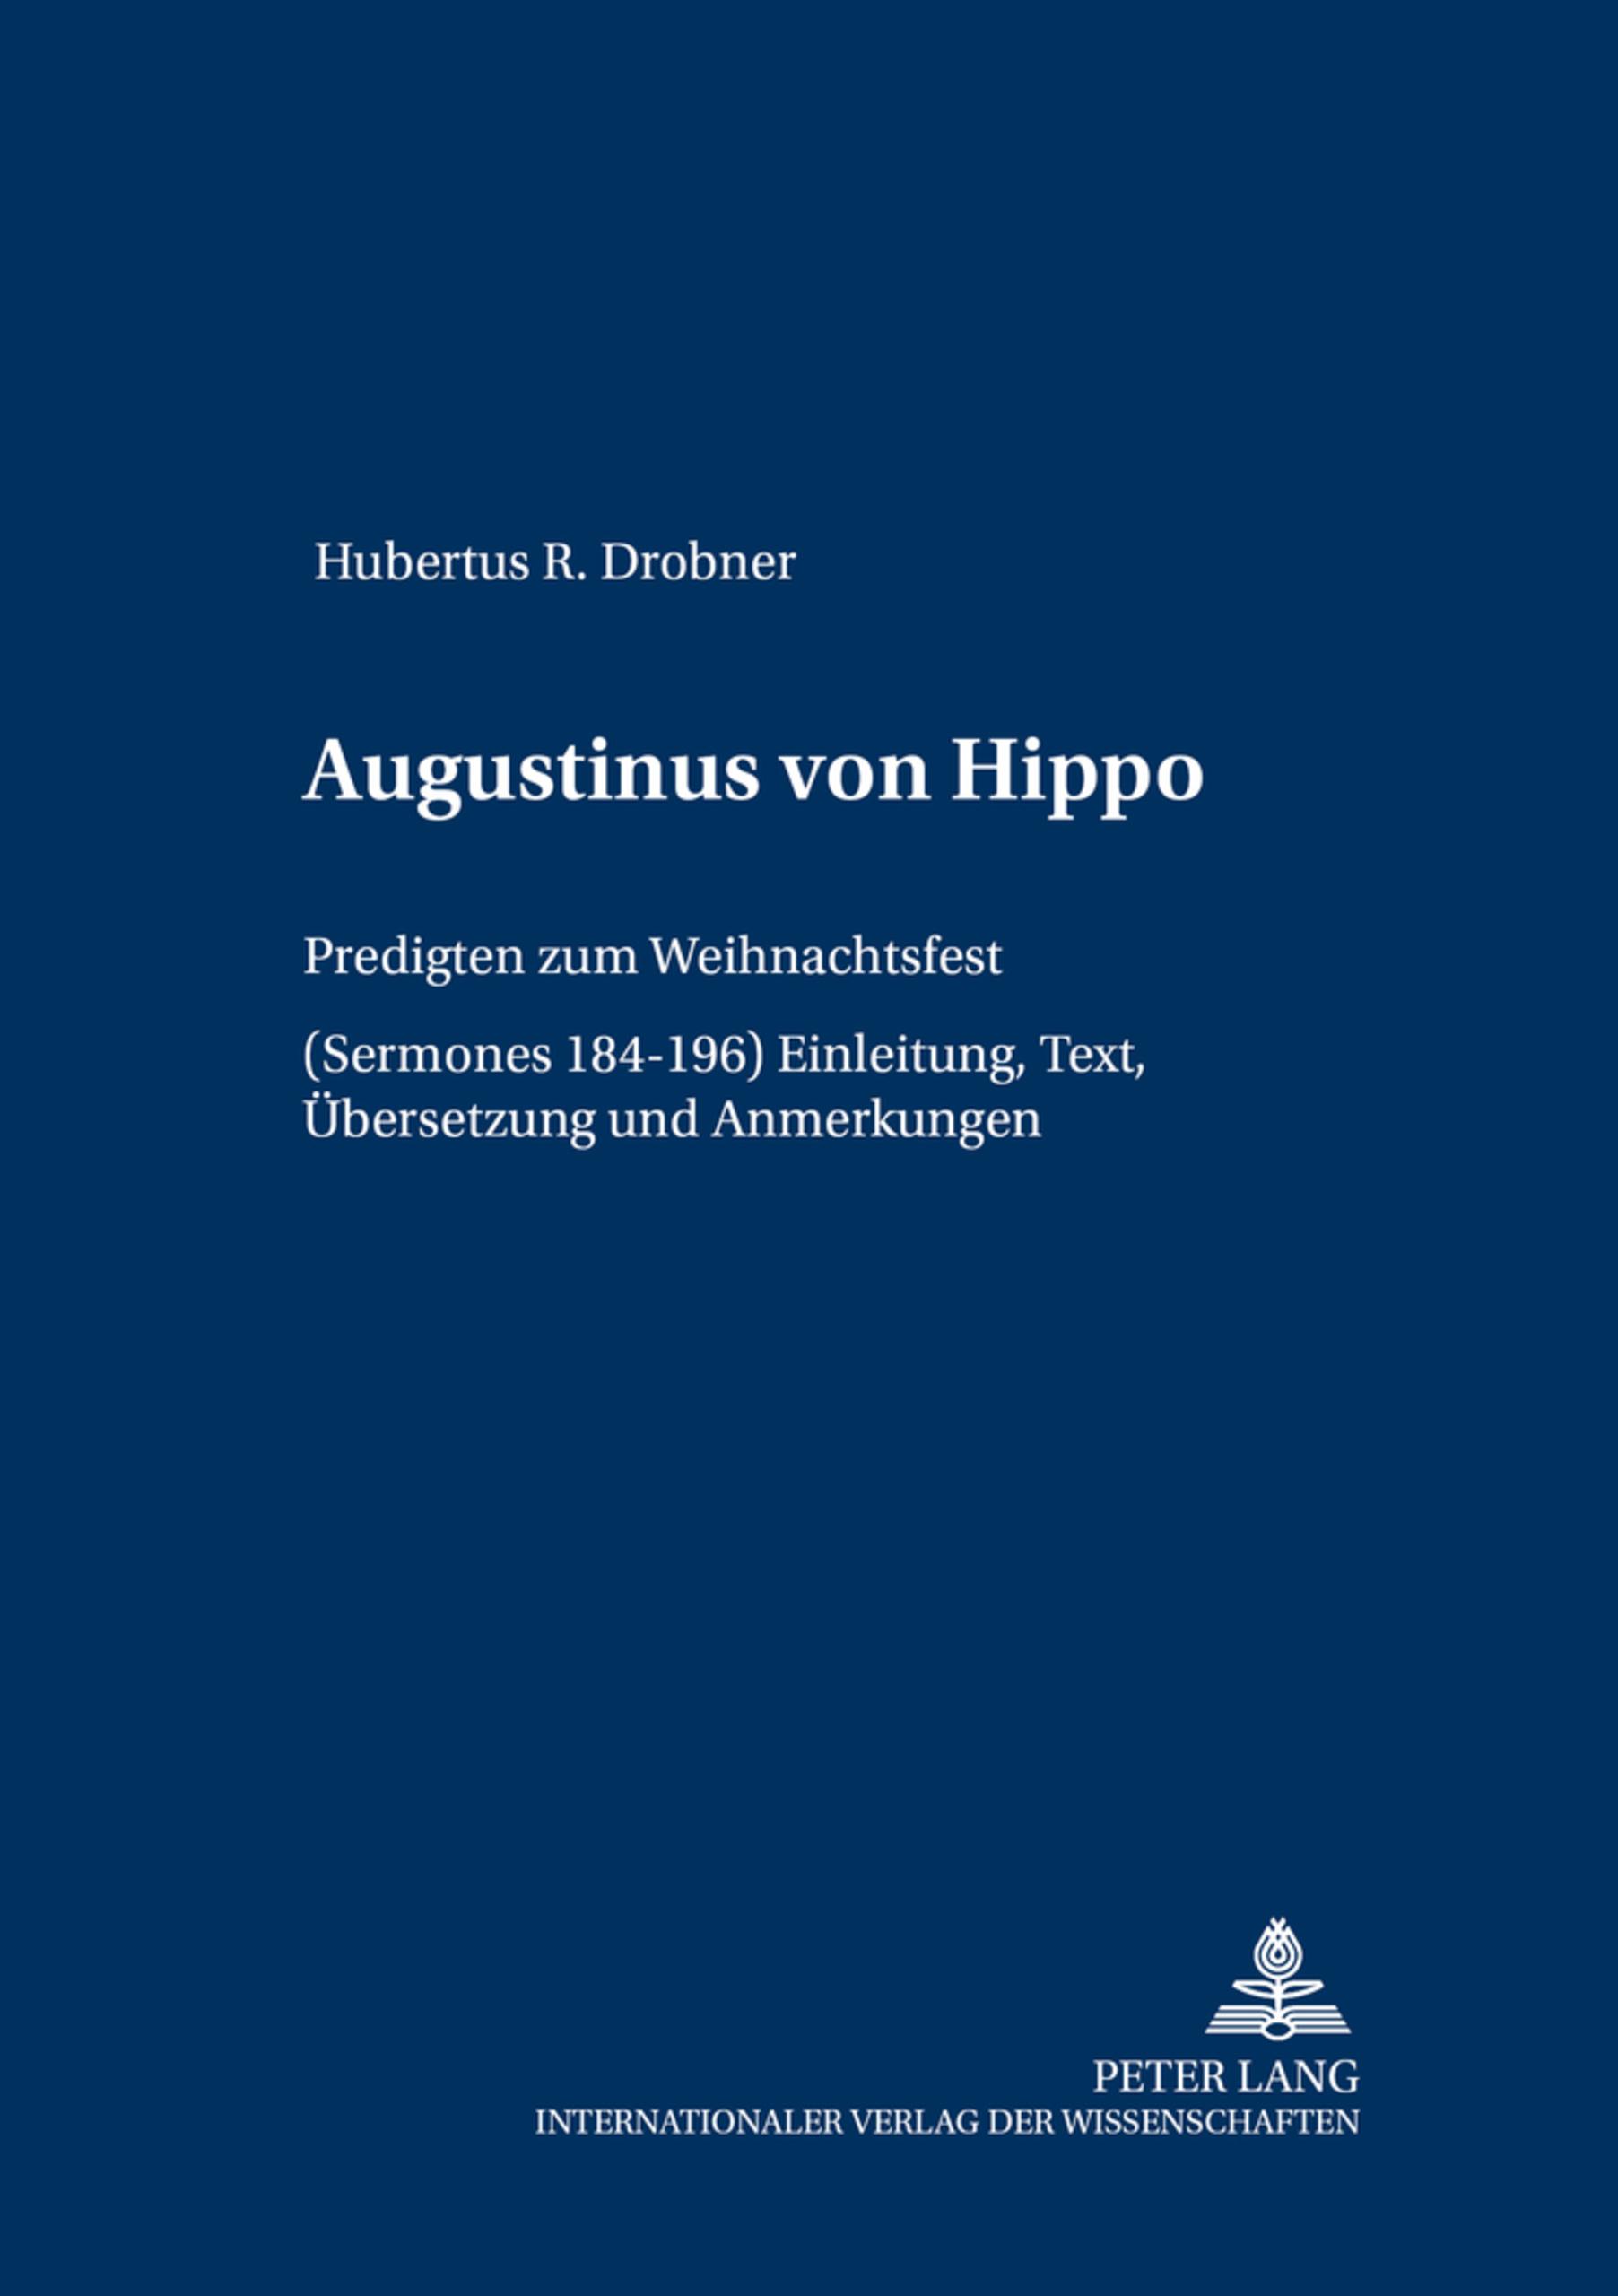 Augustinus von Hippo von Drobner, Hubertus: Predigten zum Weihnachtsfe